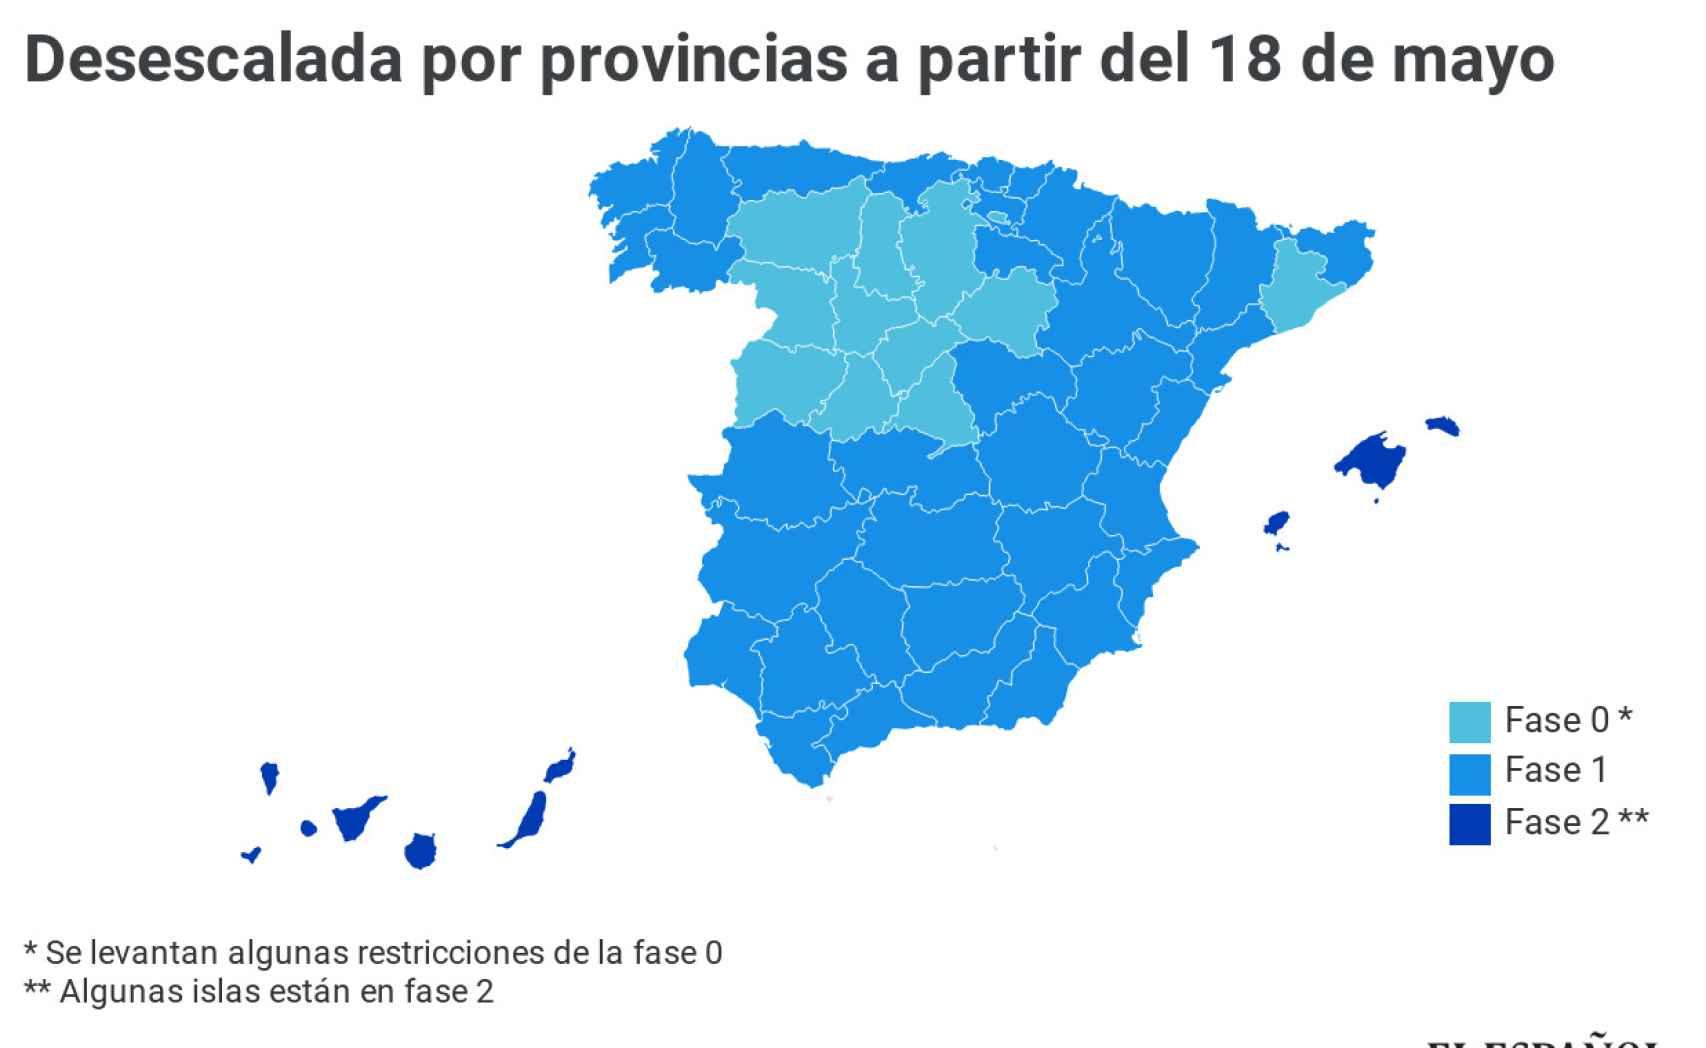 Toda España avanza a Fase 1 menos Madrid, Barcelona y zonas de Castilla y León